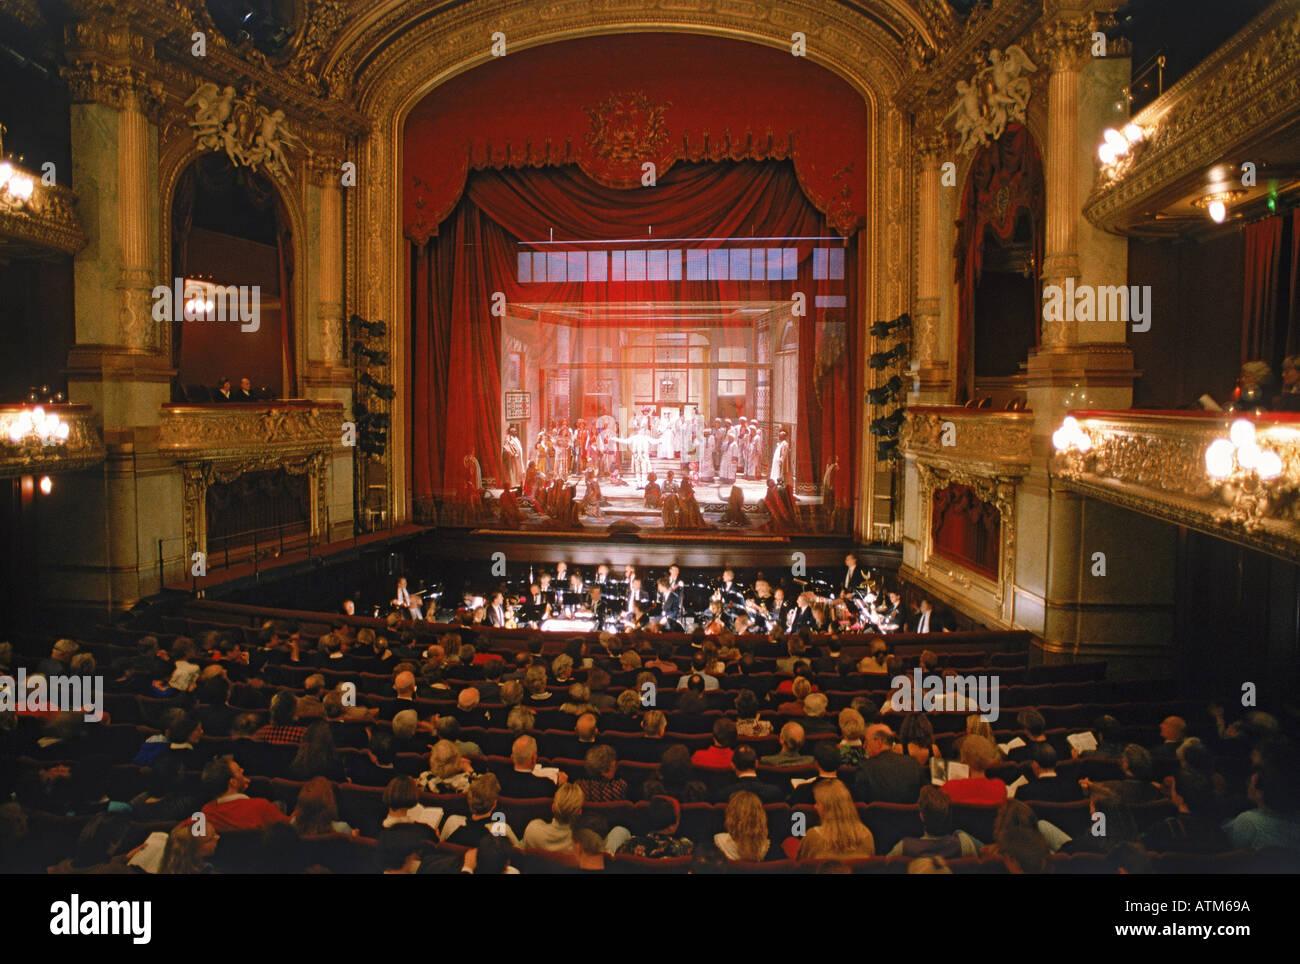 Publikum und ausübende Künstler auf der Bühne am Royal Opera House Stockholm Stockbild